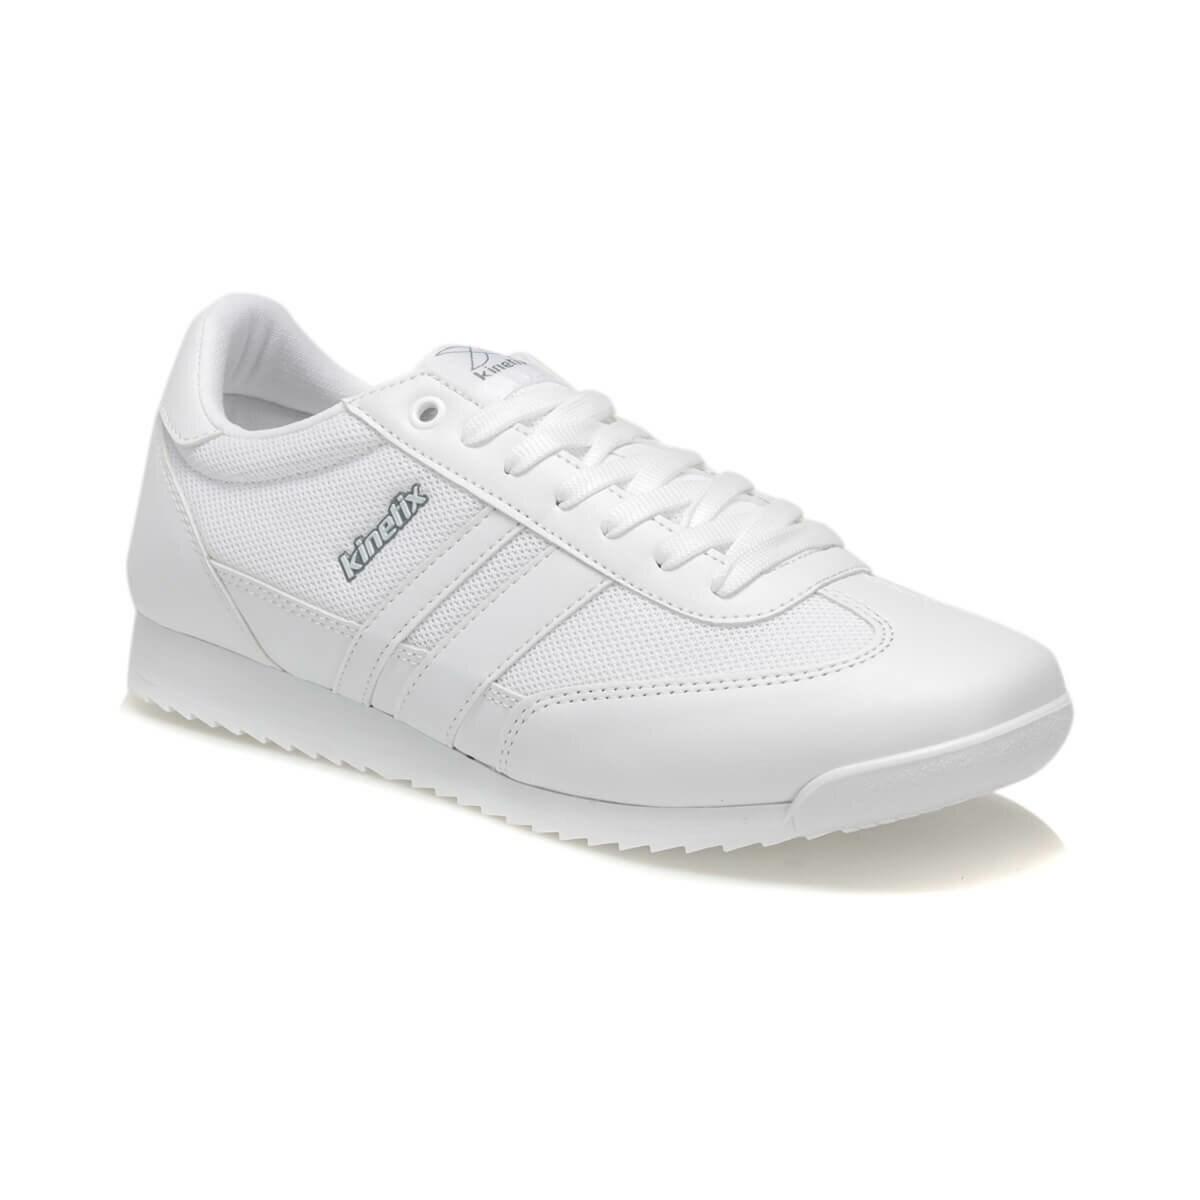 Halley Beyaz Erkek Spor Ayakkabı